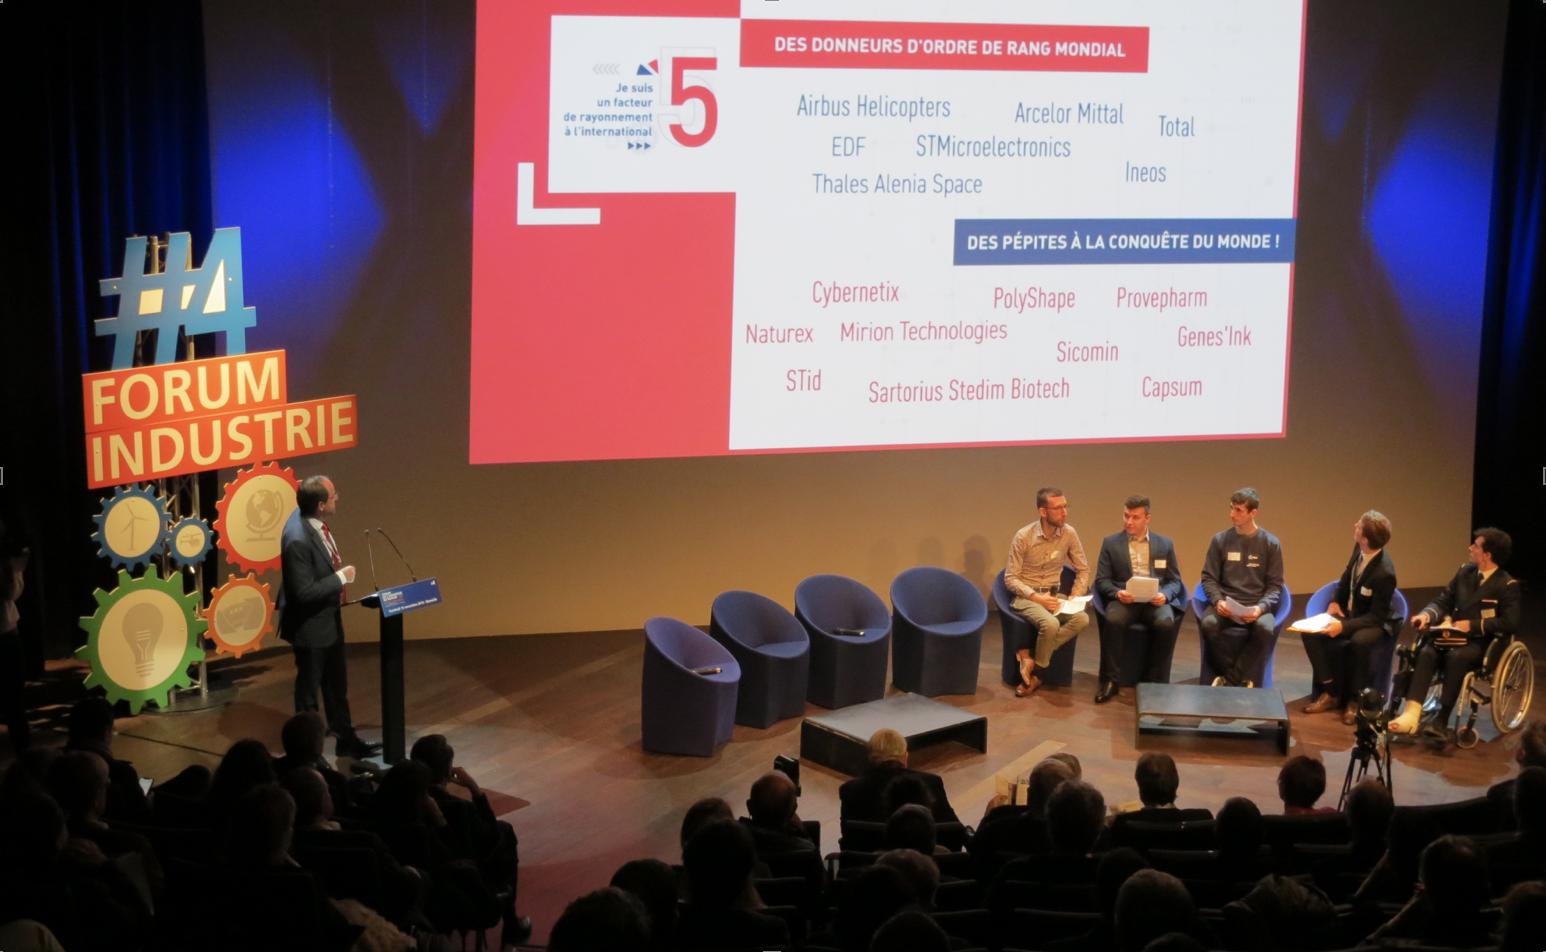 Pas de table ronde physique pour le Forum de l'Industrie, comme en 2019, mais un grand débat digital sur la réindustrialisation. (Photo JC Barla)